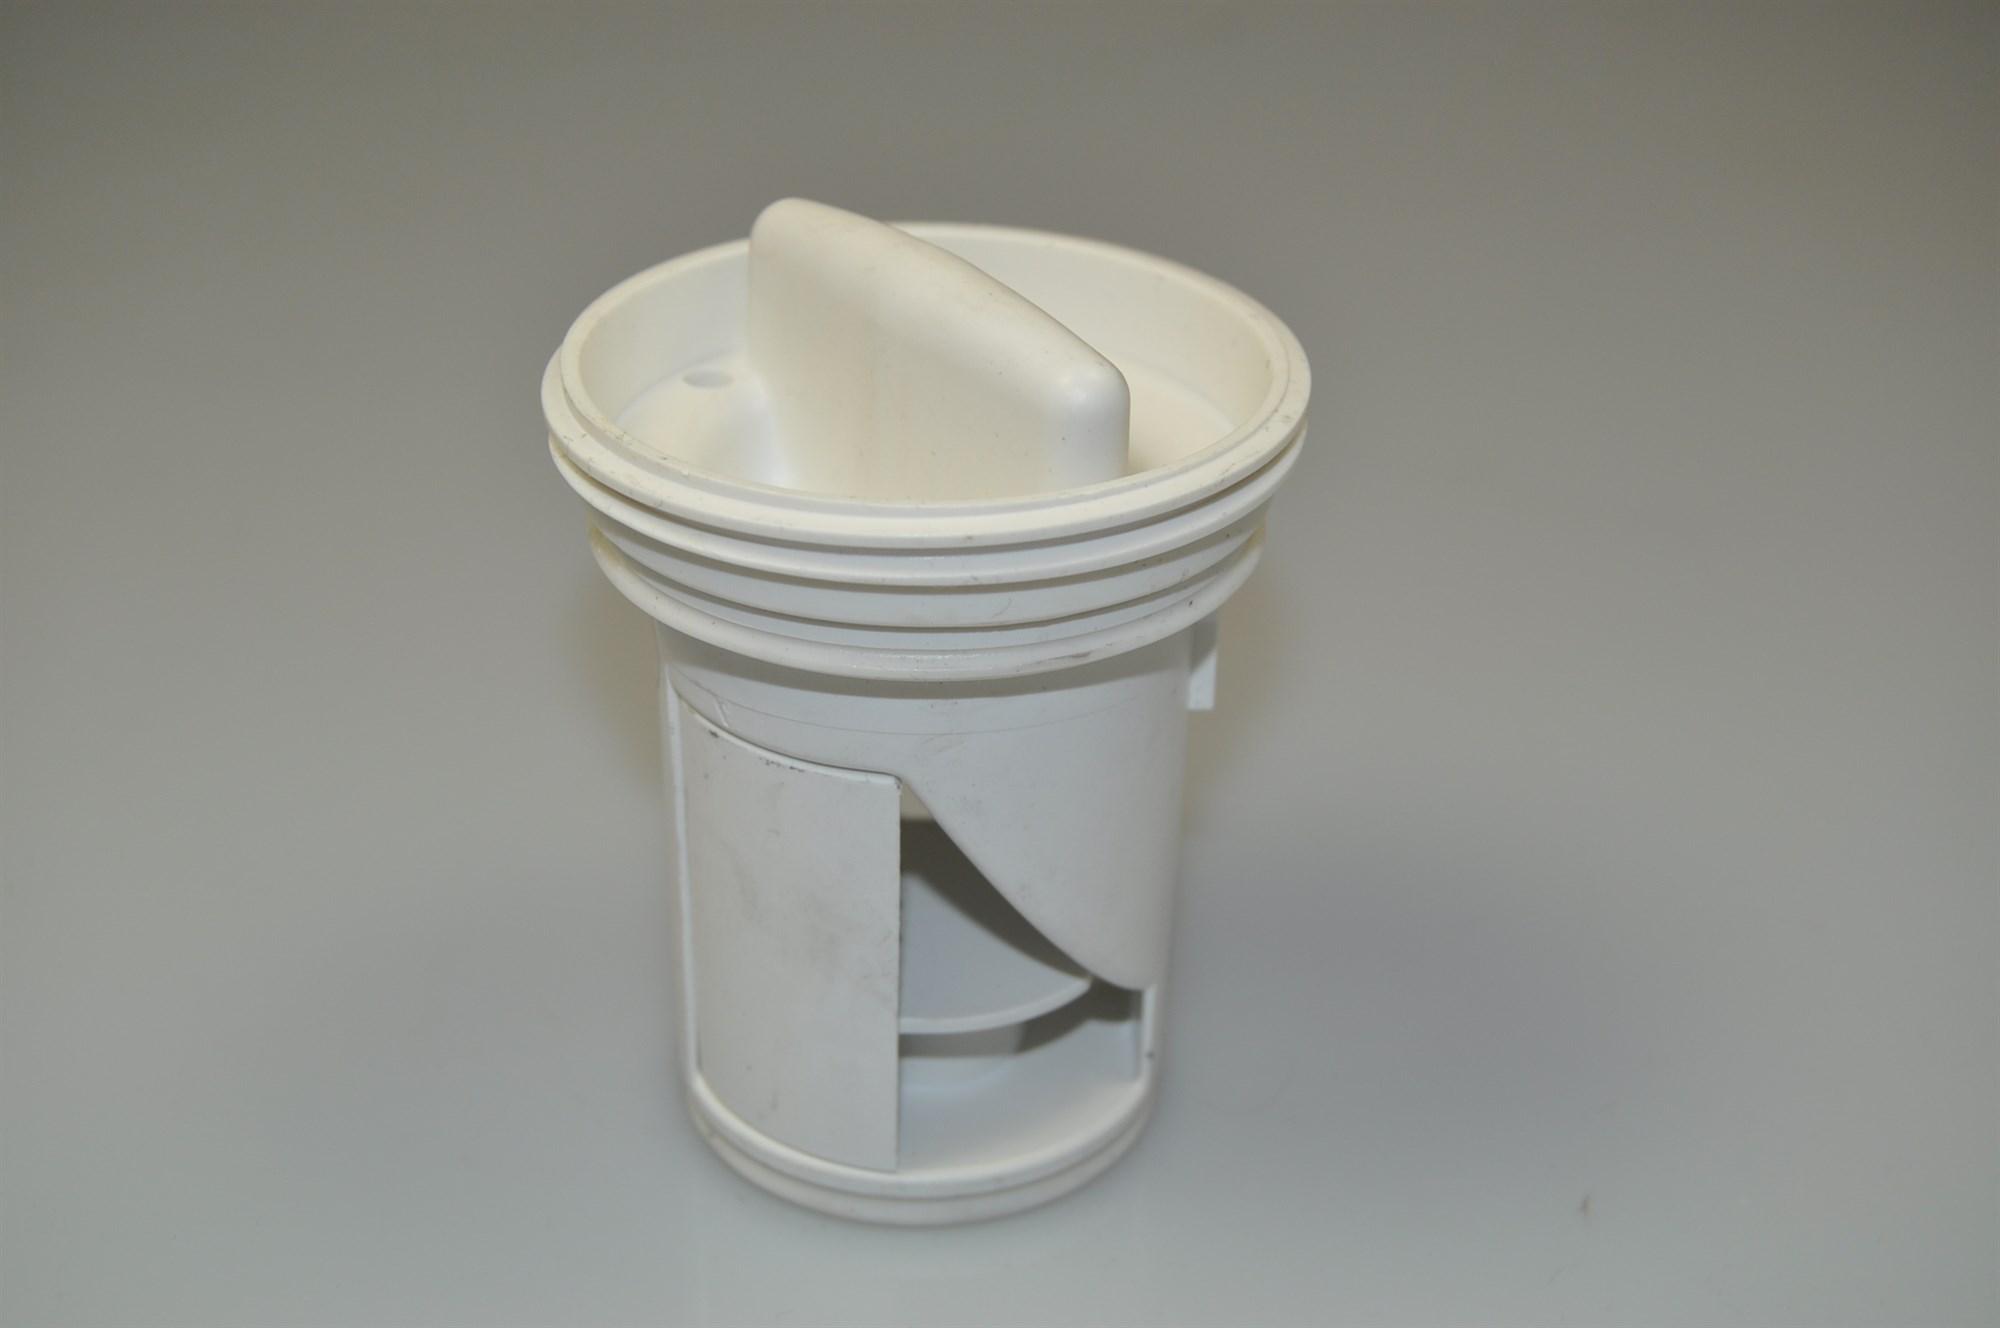 Filter bauknecht waschmaschine